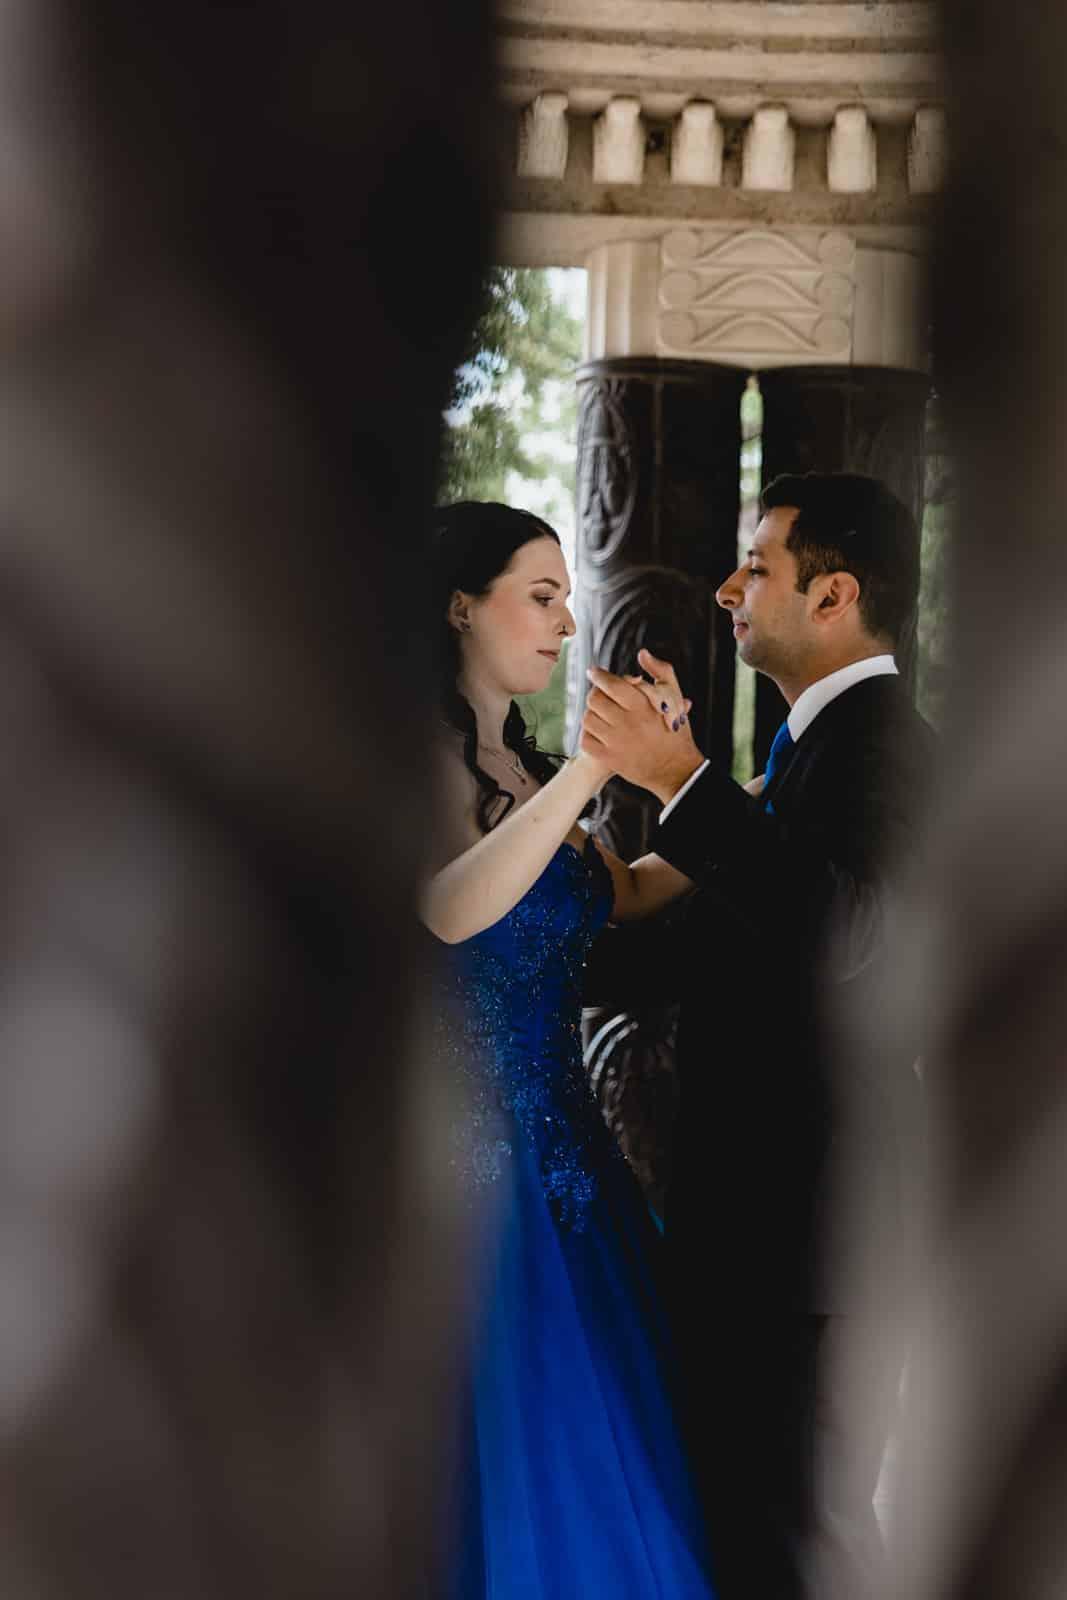 Bräutigam tanzt mit seiner Braut konzentriert